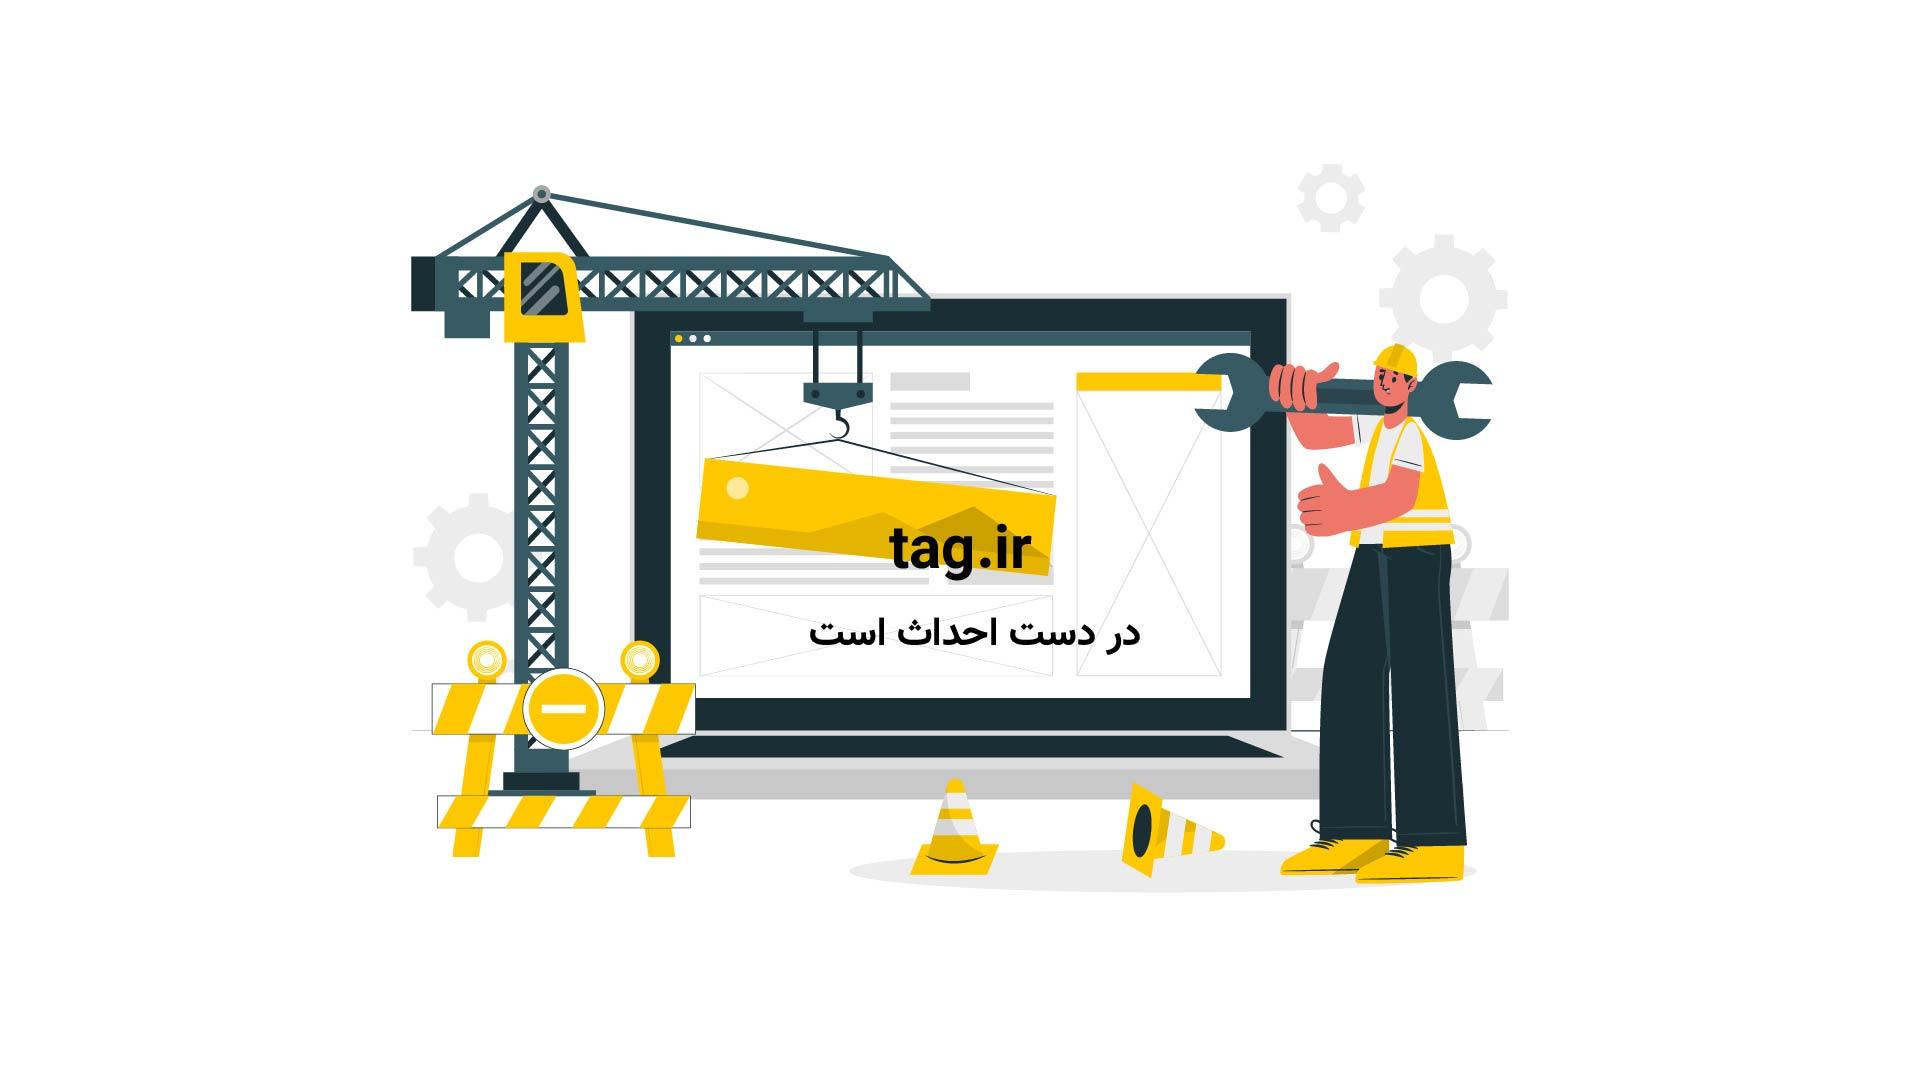 ساخت بازويی رباتيک كه با ذهن انسان كنترل می شود   فیلم